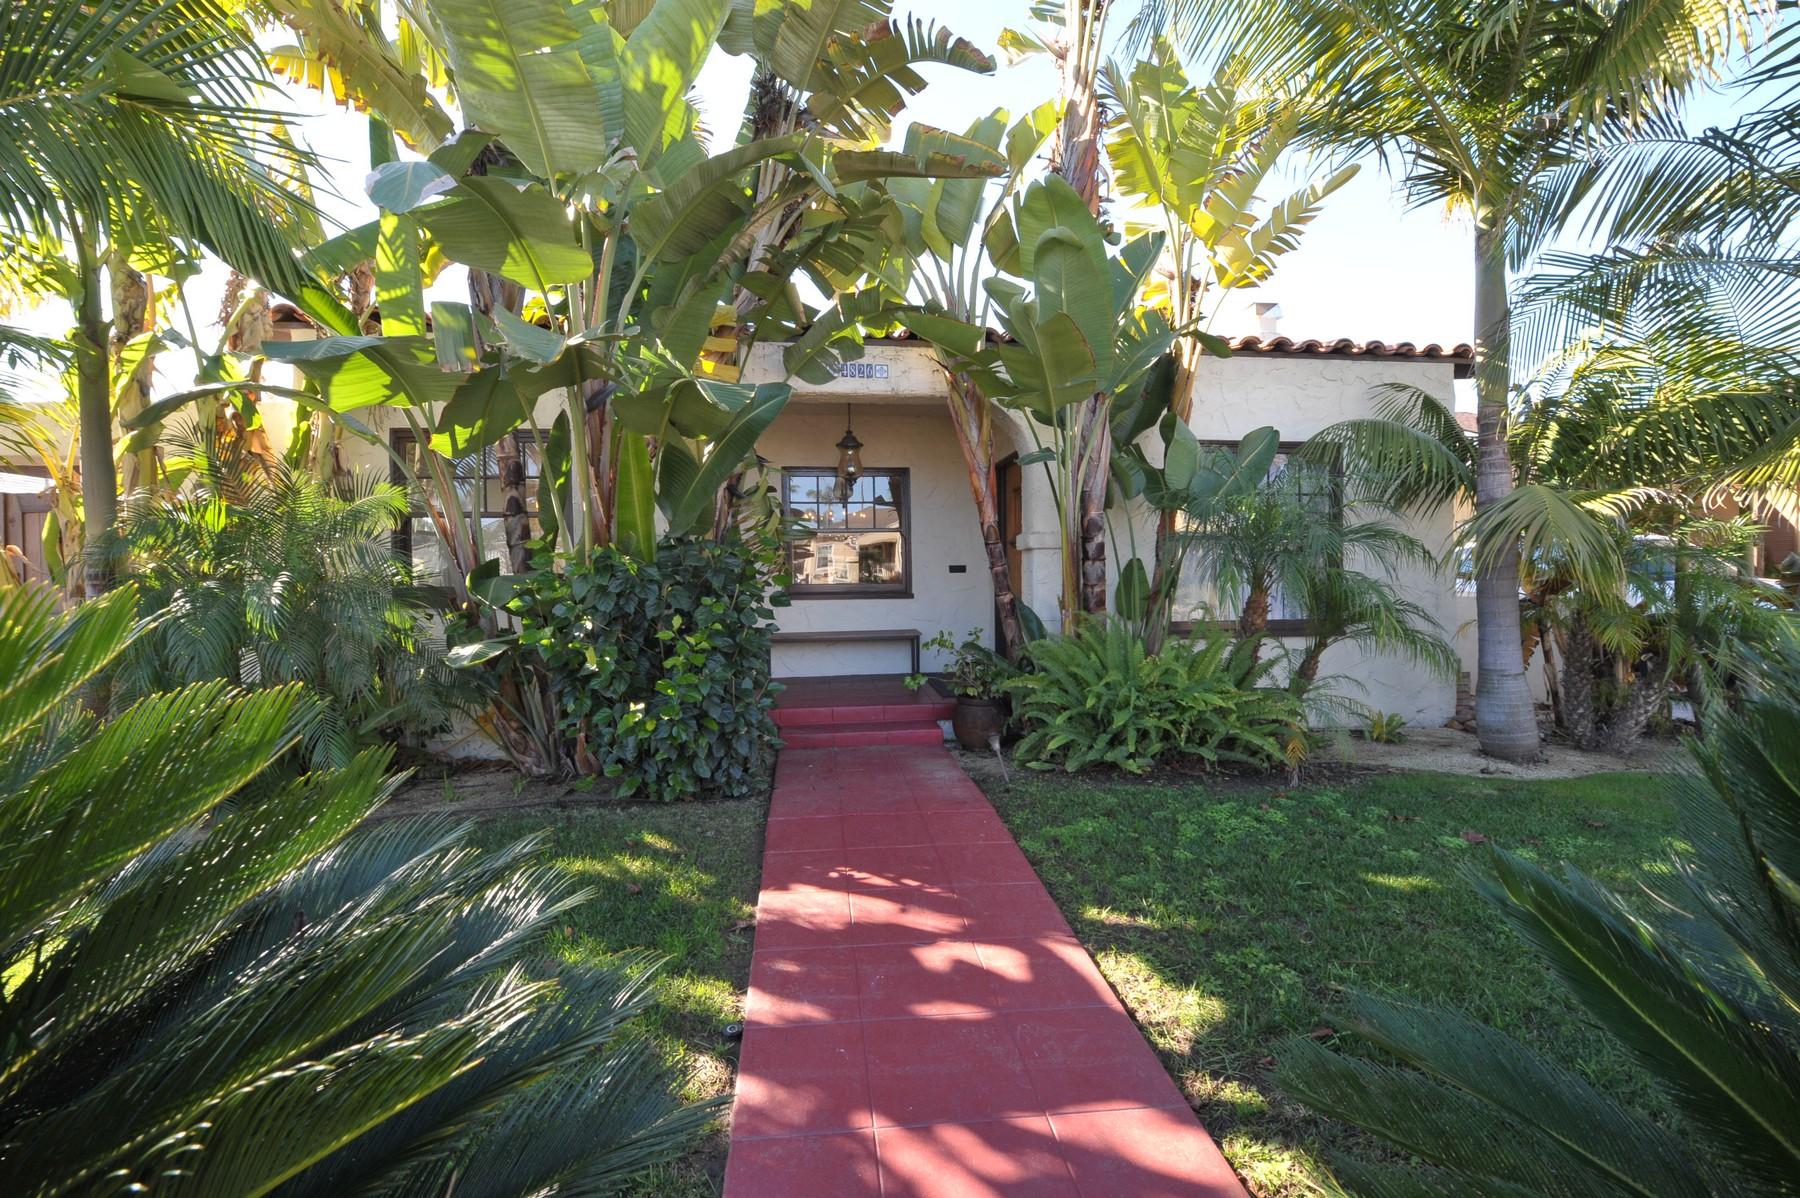 独户住宅 为 销售 在 4826 Sussex Drive Kensington, 圣地亚哥, 加利福尼亚州, 92116 美国